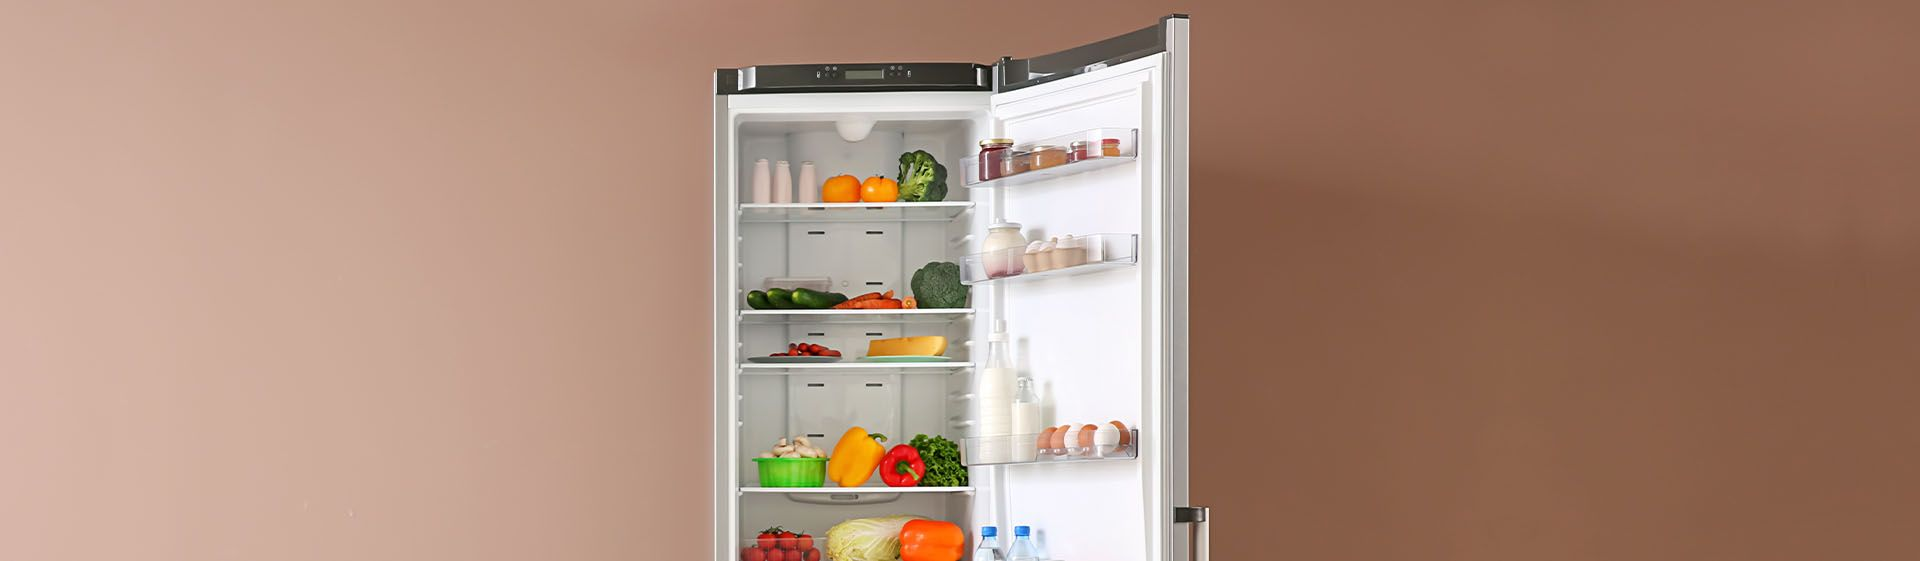 Qual a melhor geladeira Inverse? 7 modelos para comprar em 2020